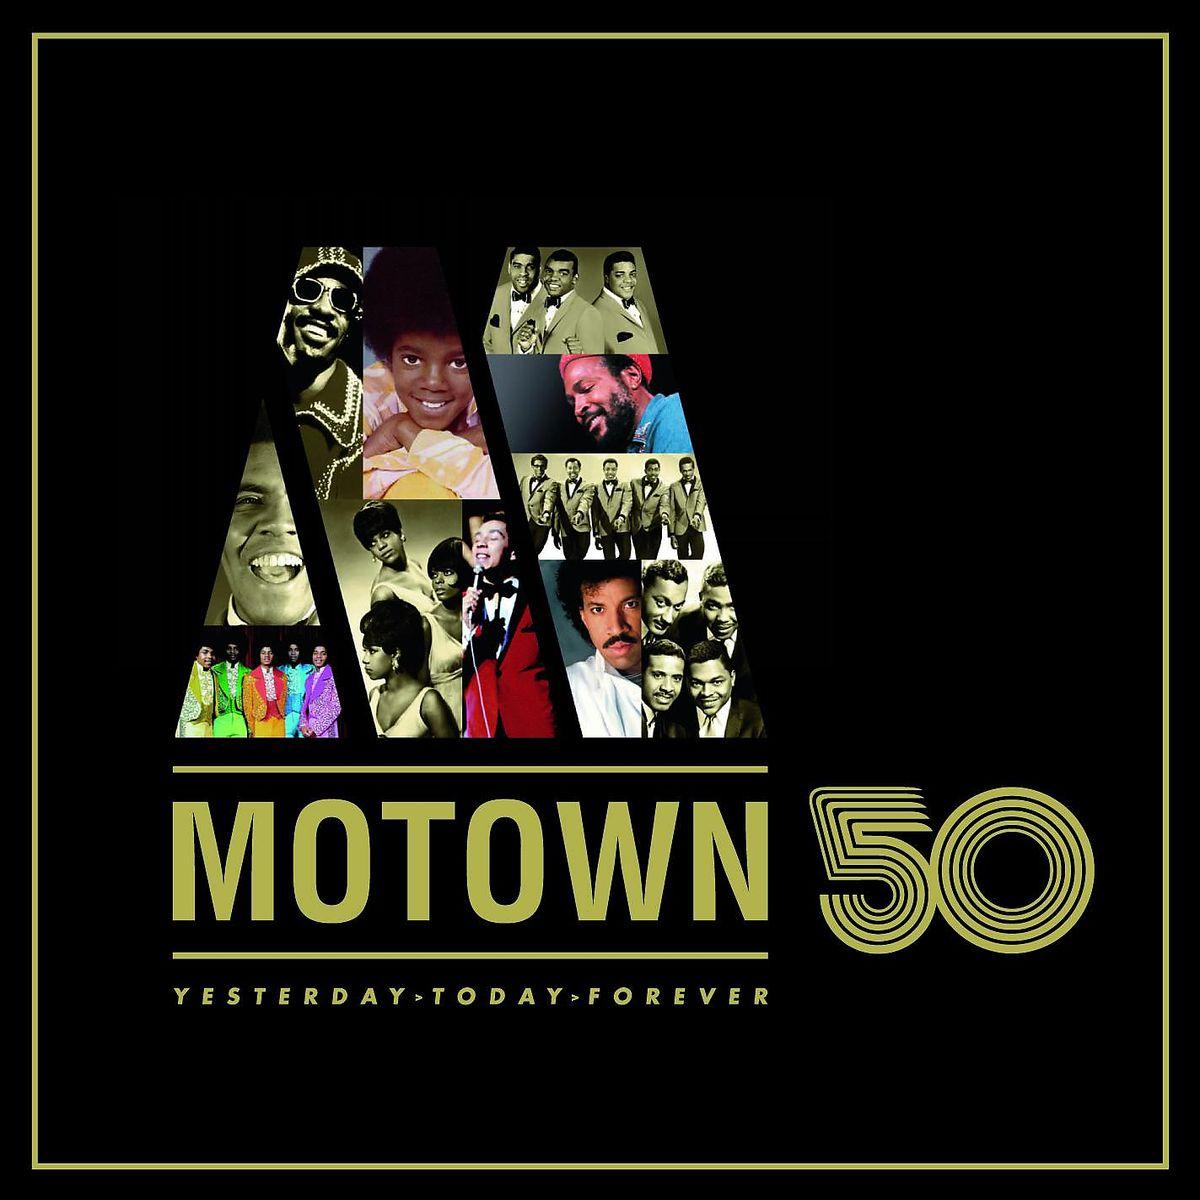 Motown-50